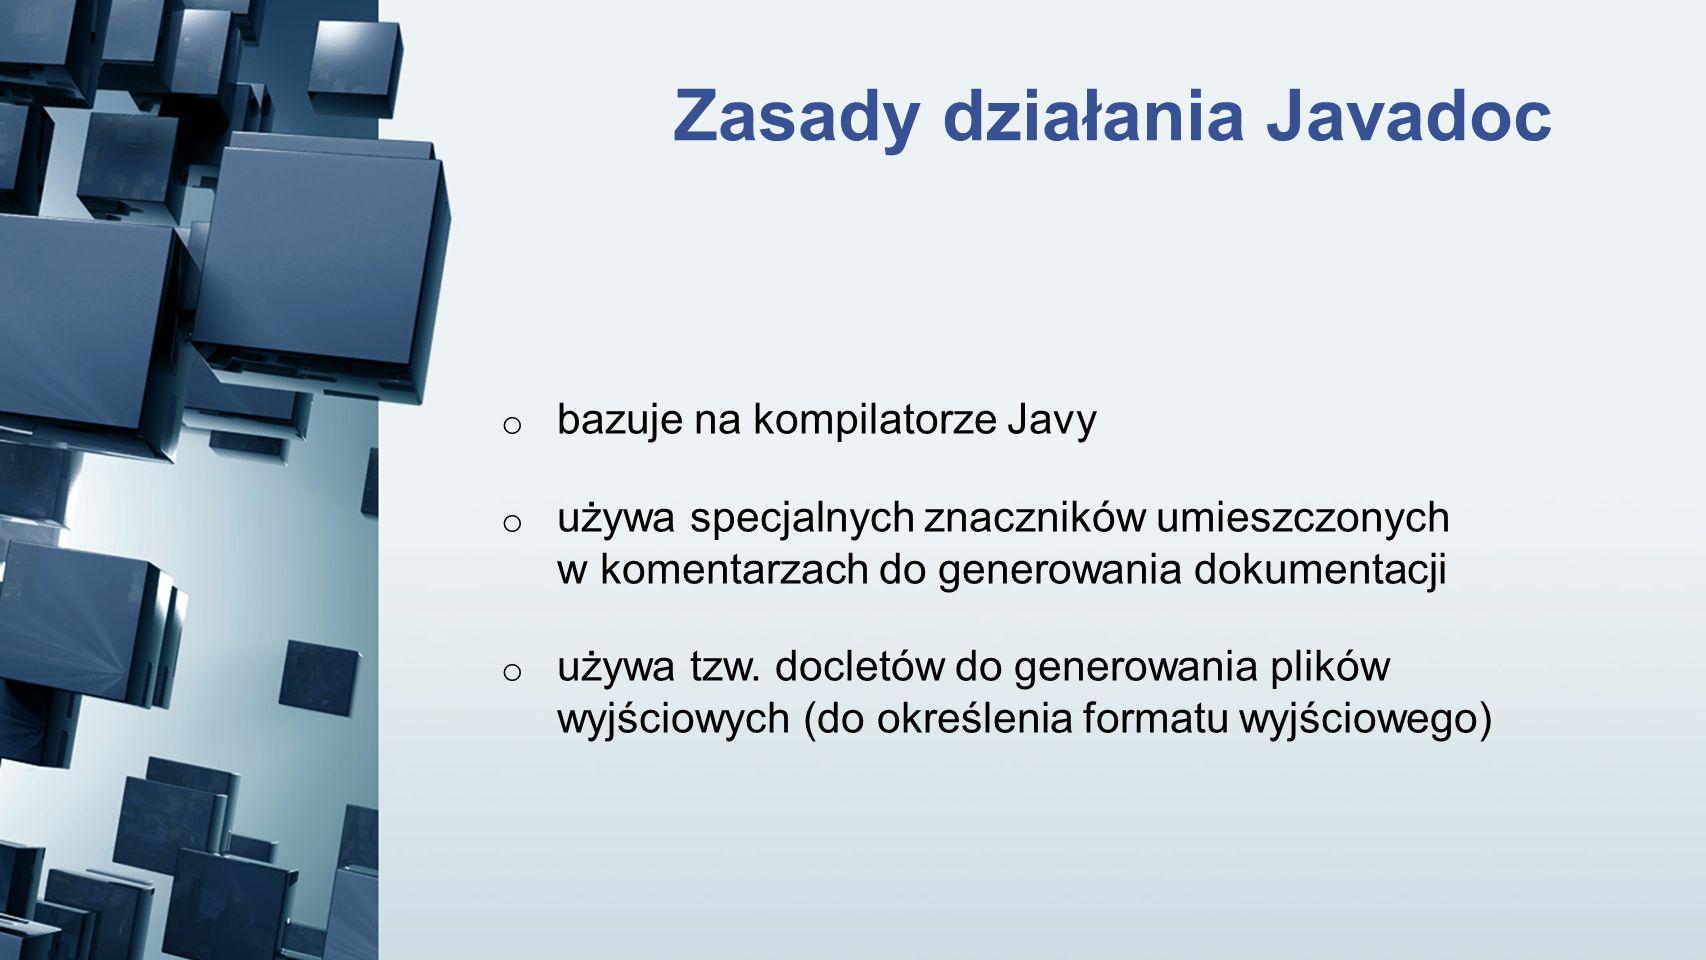 Zasady działania Javadoc